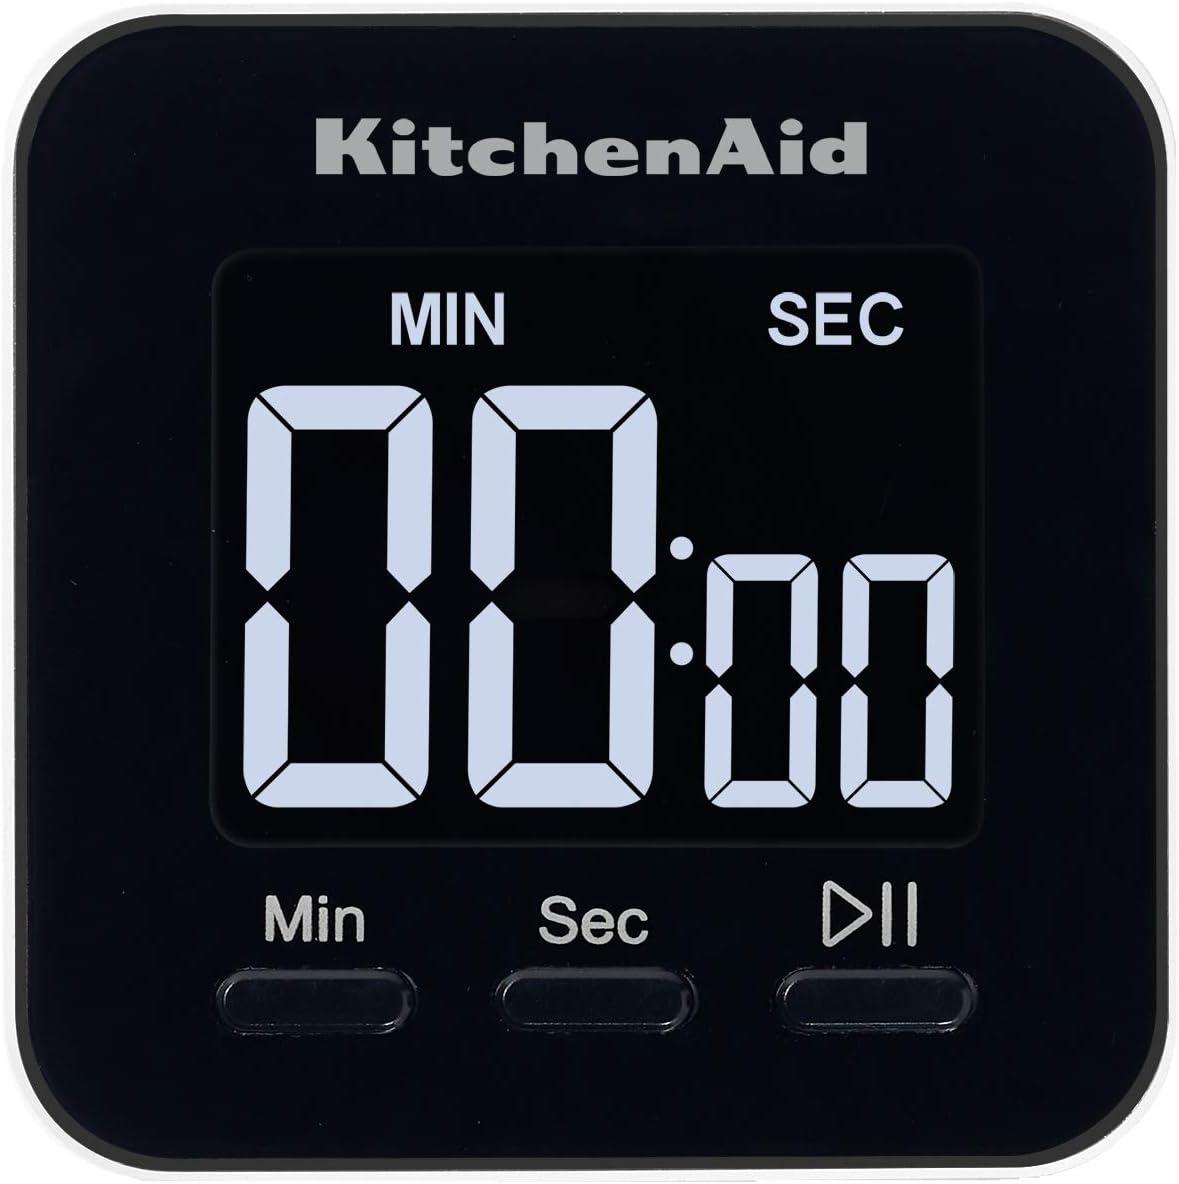 KitchenAid KQ900 Event Single Even Digital Timer, 2.5 inches, Black